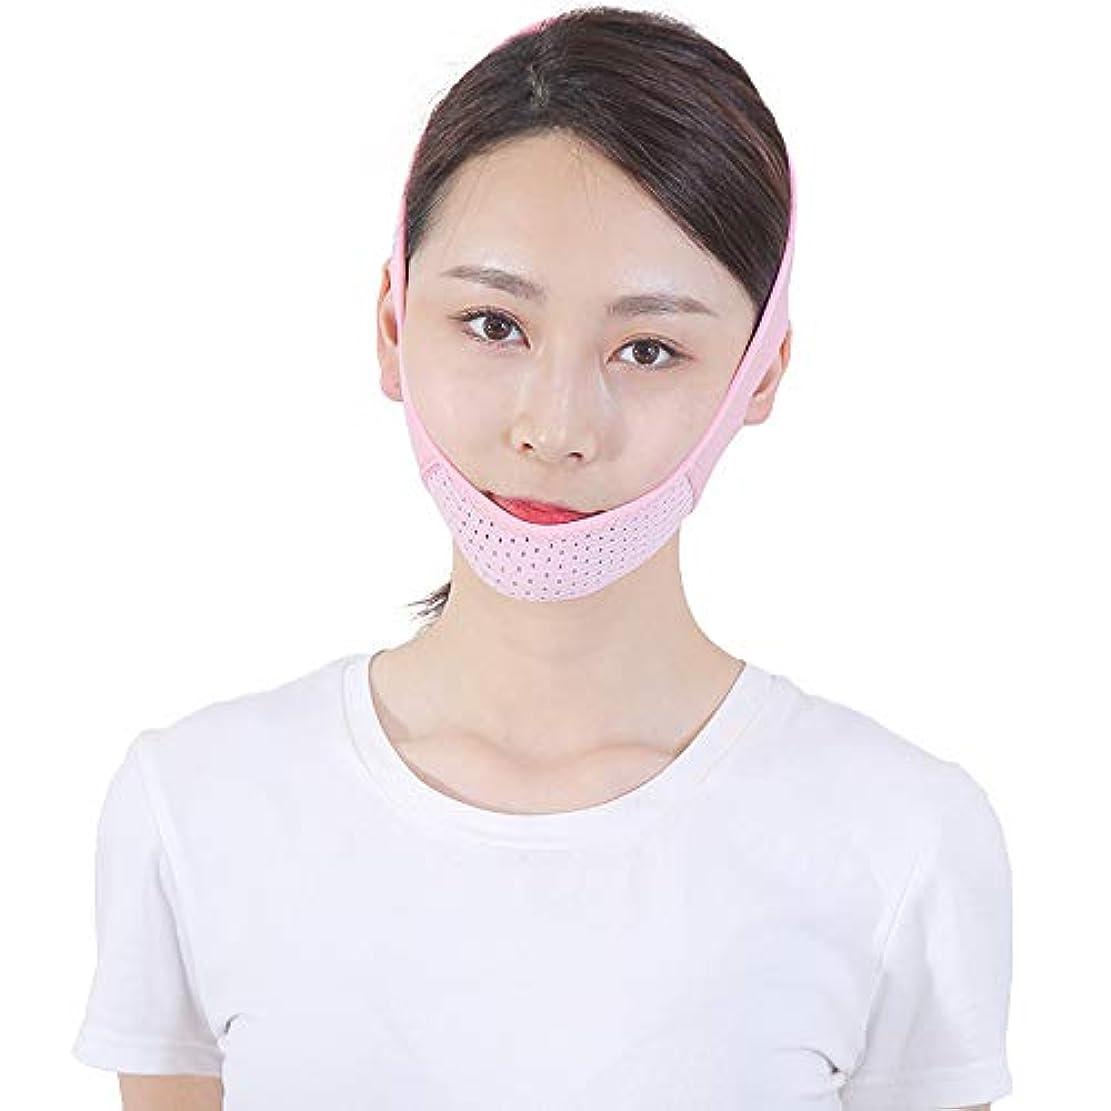 ラベル味わう縁薄い顔のベルト - 薄い顔のベルト通気性のある顔の包帯ダブルチンの顔リフトの人工物Vのフェイスベルト薄い顔のマスク